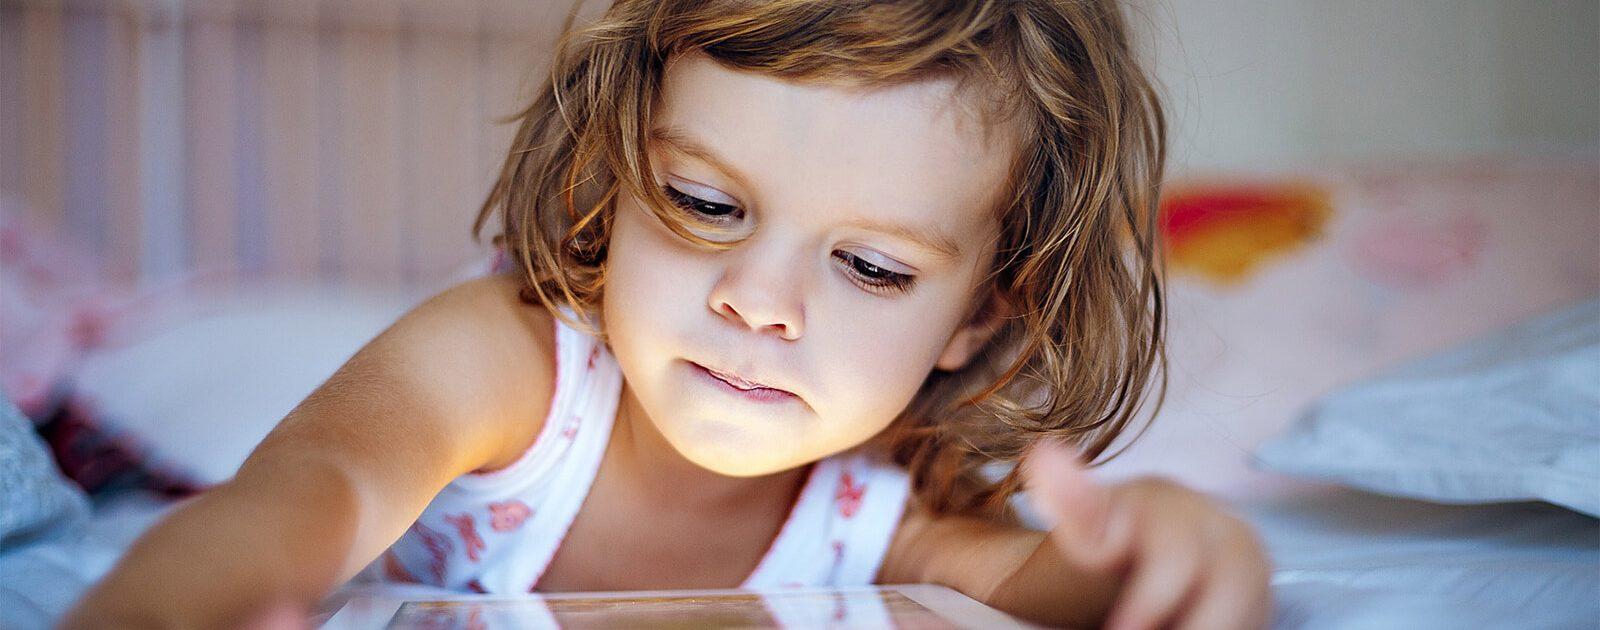 Kind mit Tablet leidet wegen Bewenungsmangel unter Rückenschmerzen